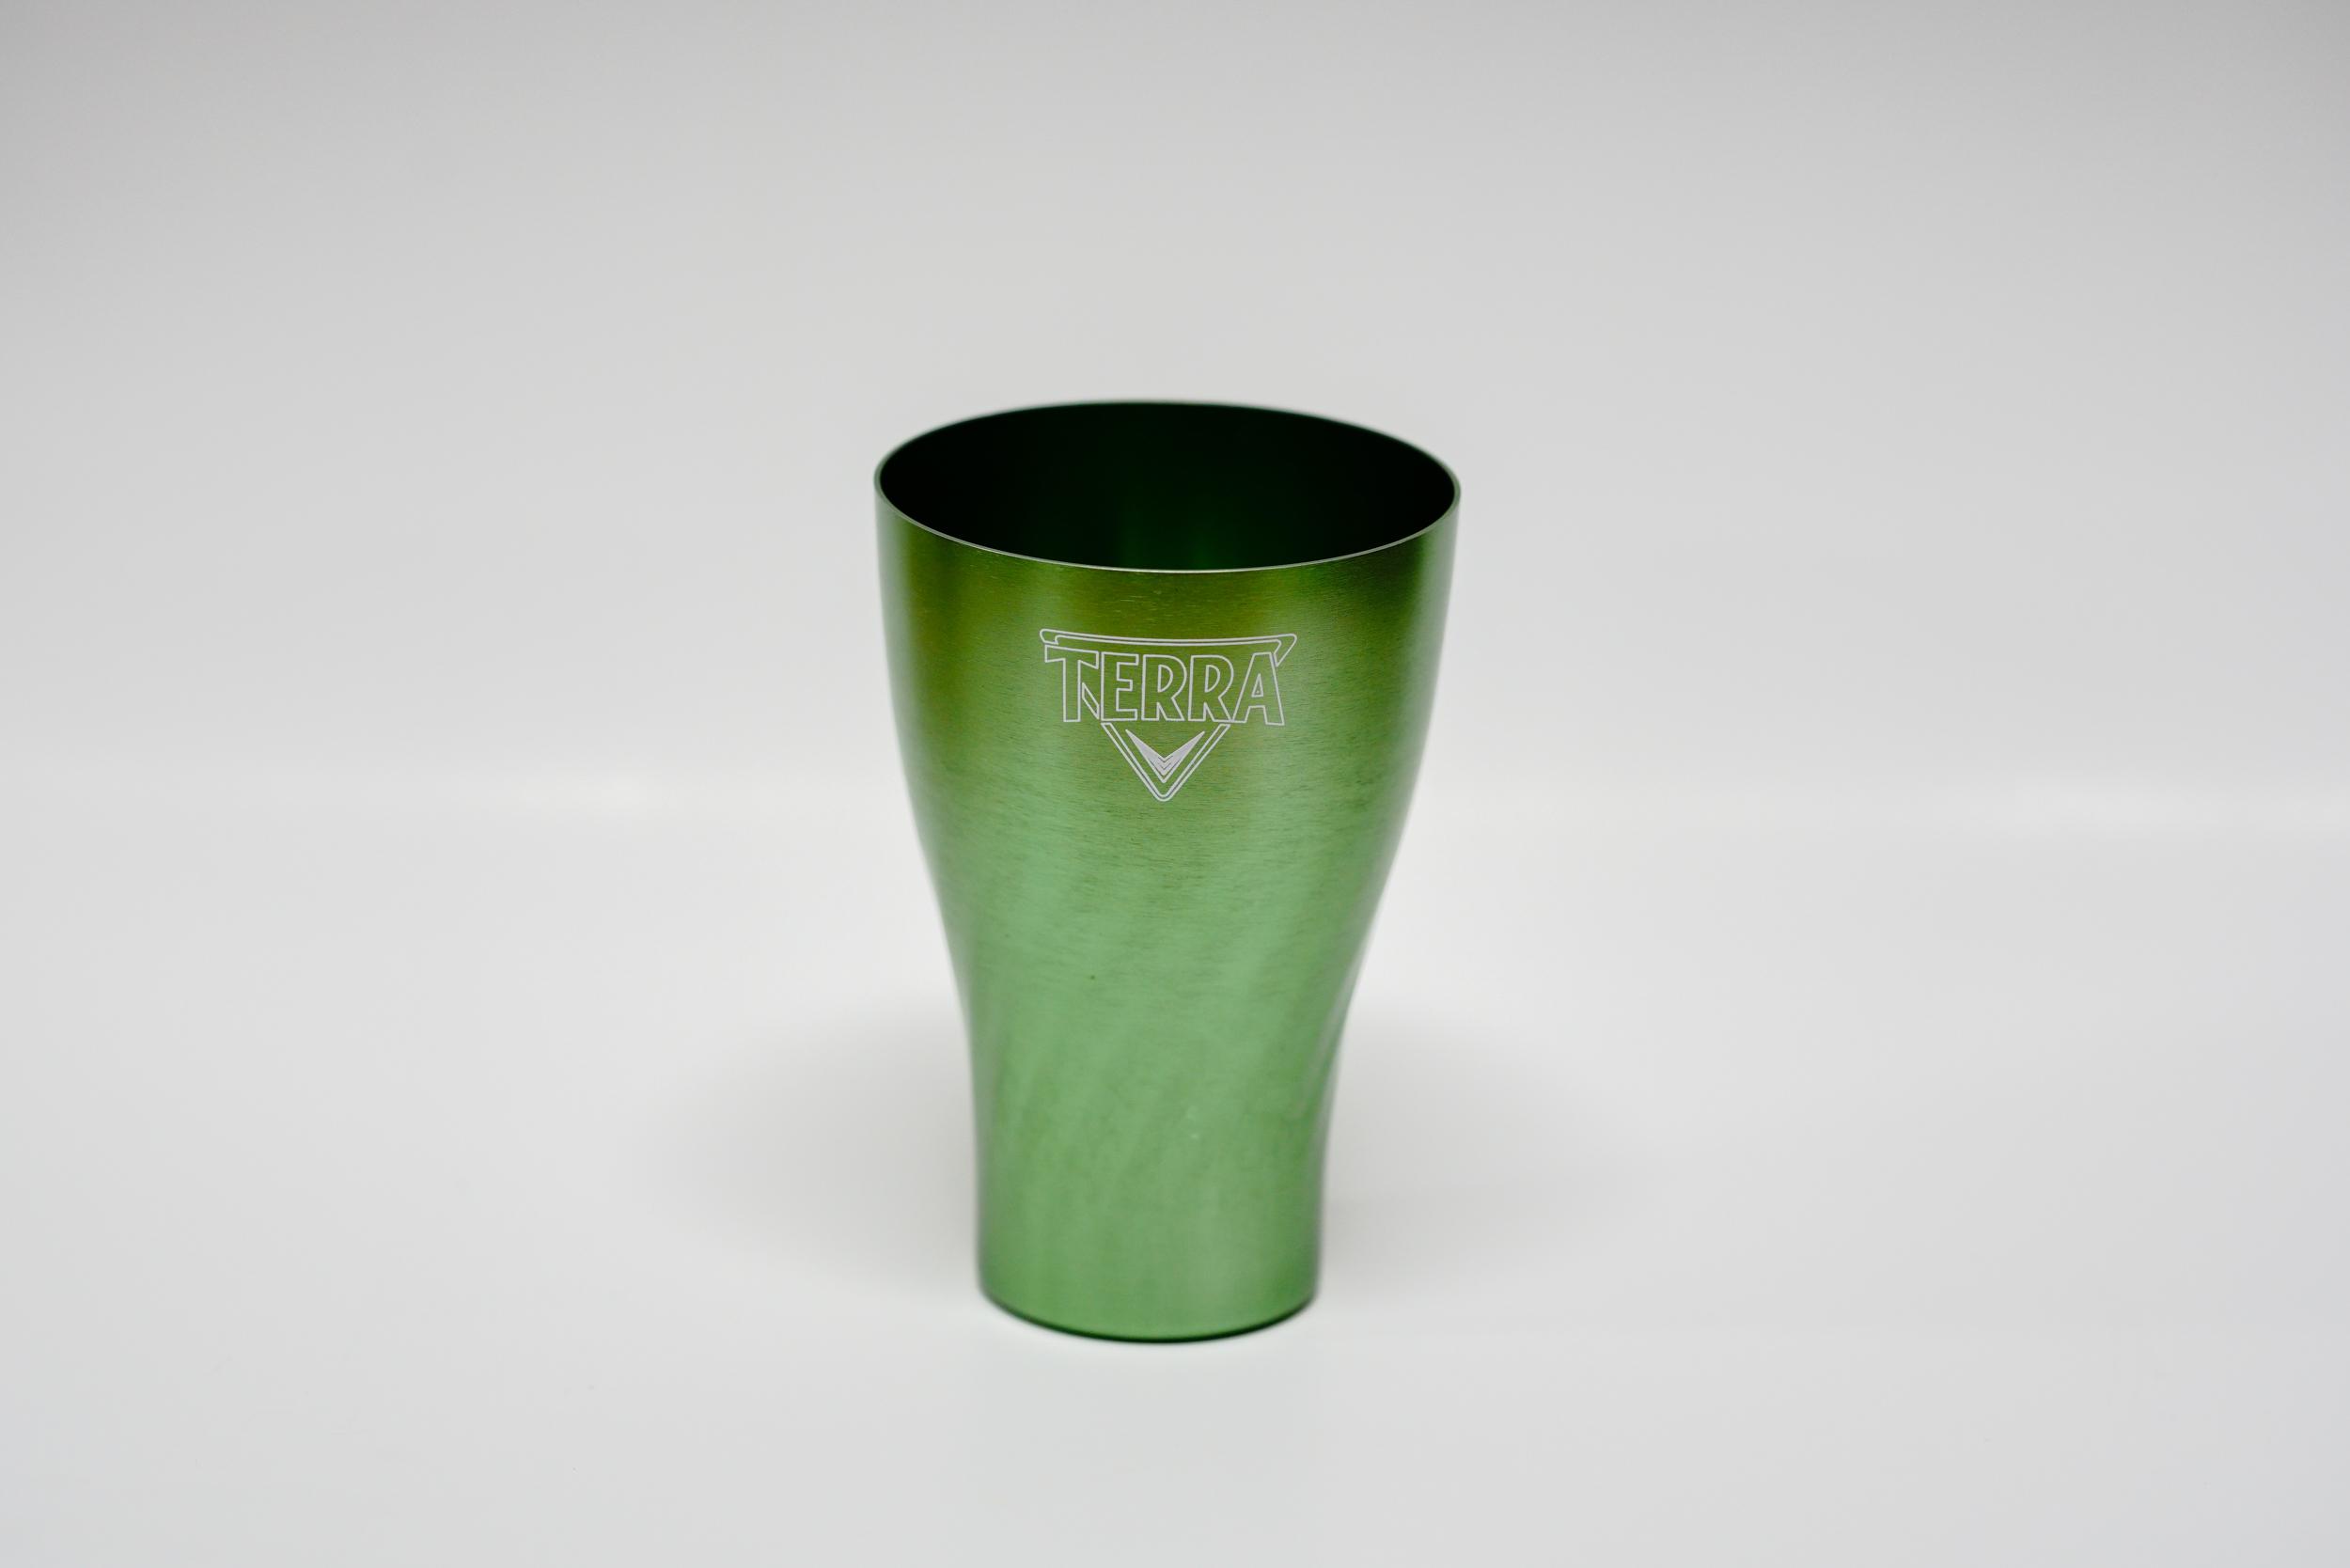 테라 알루미늄컵